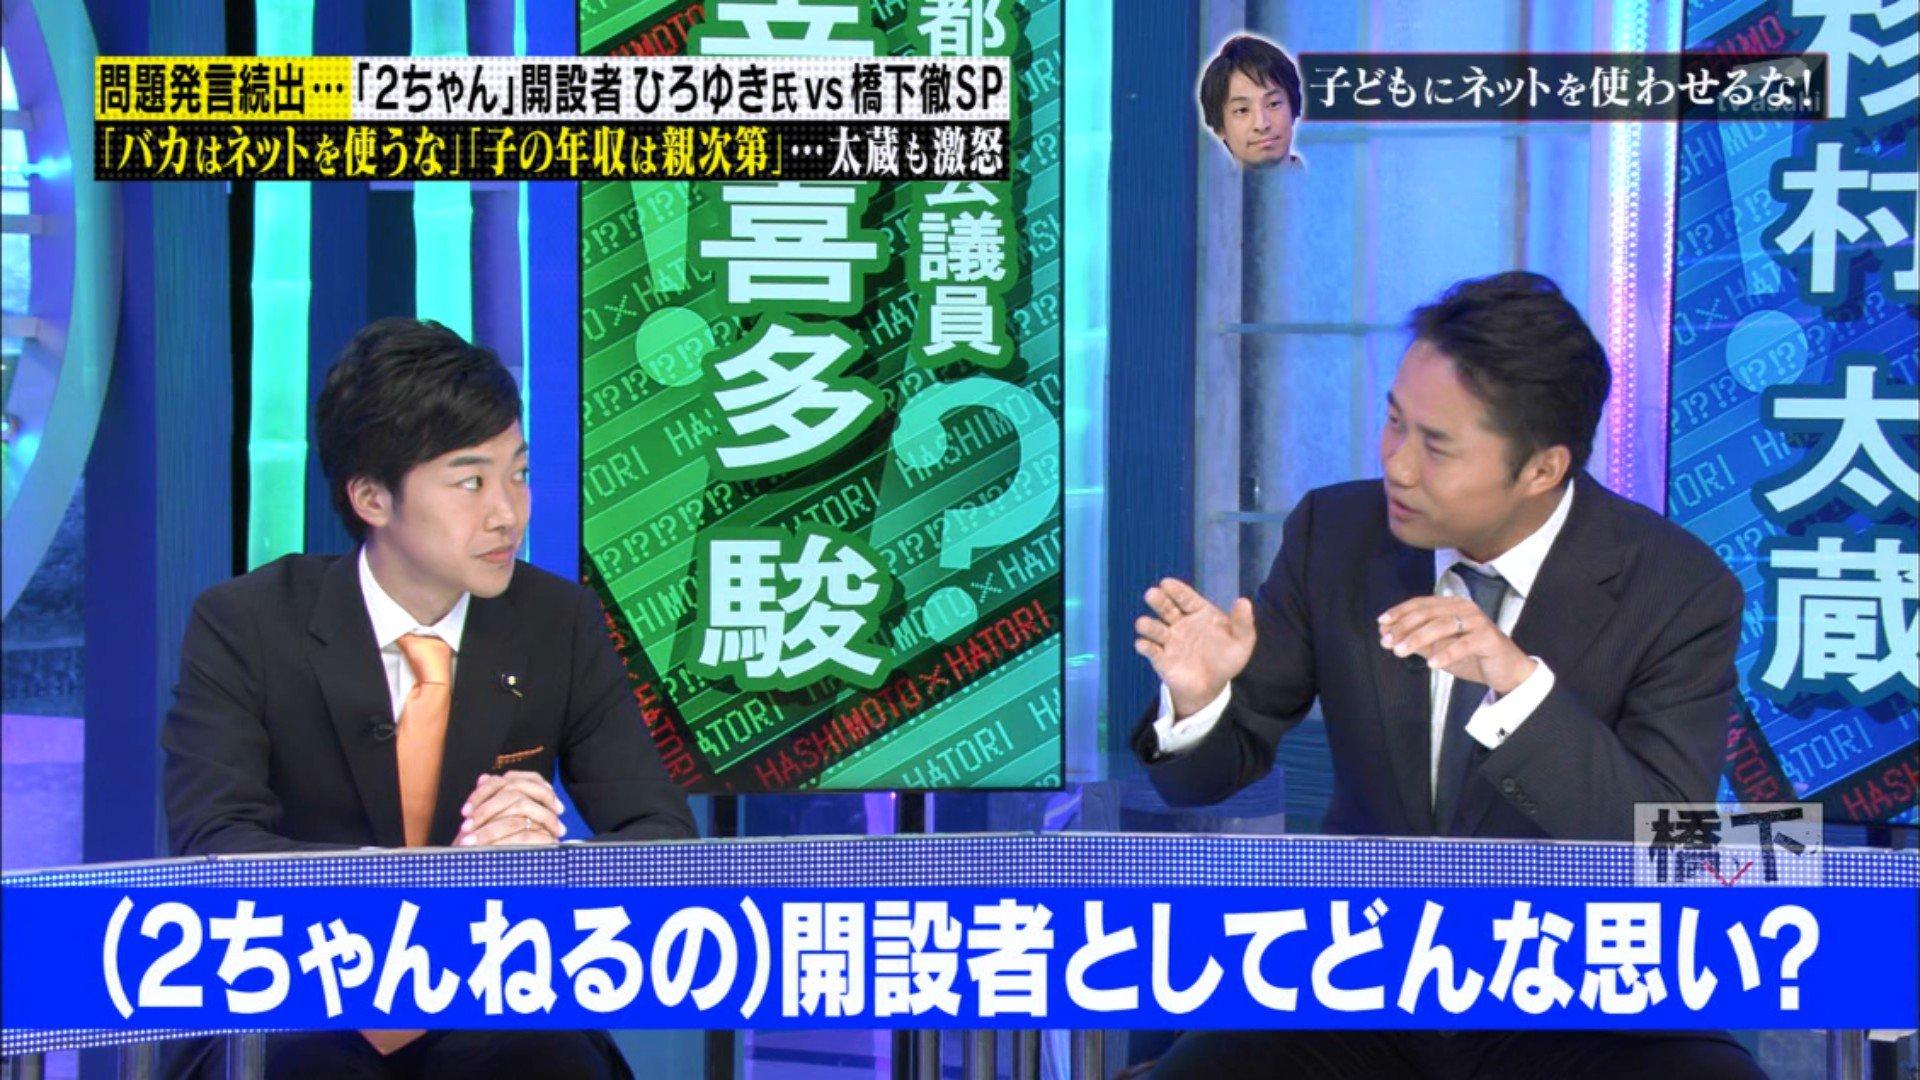 杉村太蔵「2ちゃんねるが原因で犯罪が起きていることについてどう思う?」 ひろゆき「99%の犯罪に携帯電話が使われてると思うけど、『ドコモの人がどう思うのか』と同じ答え」